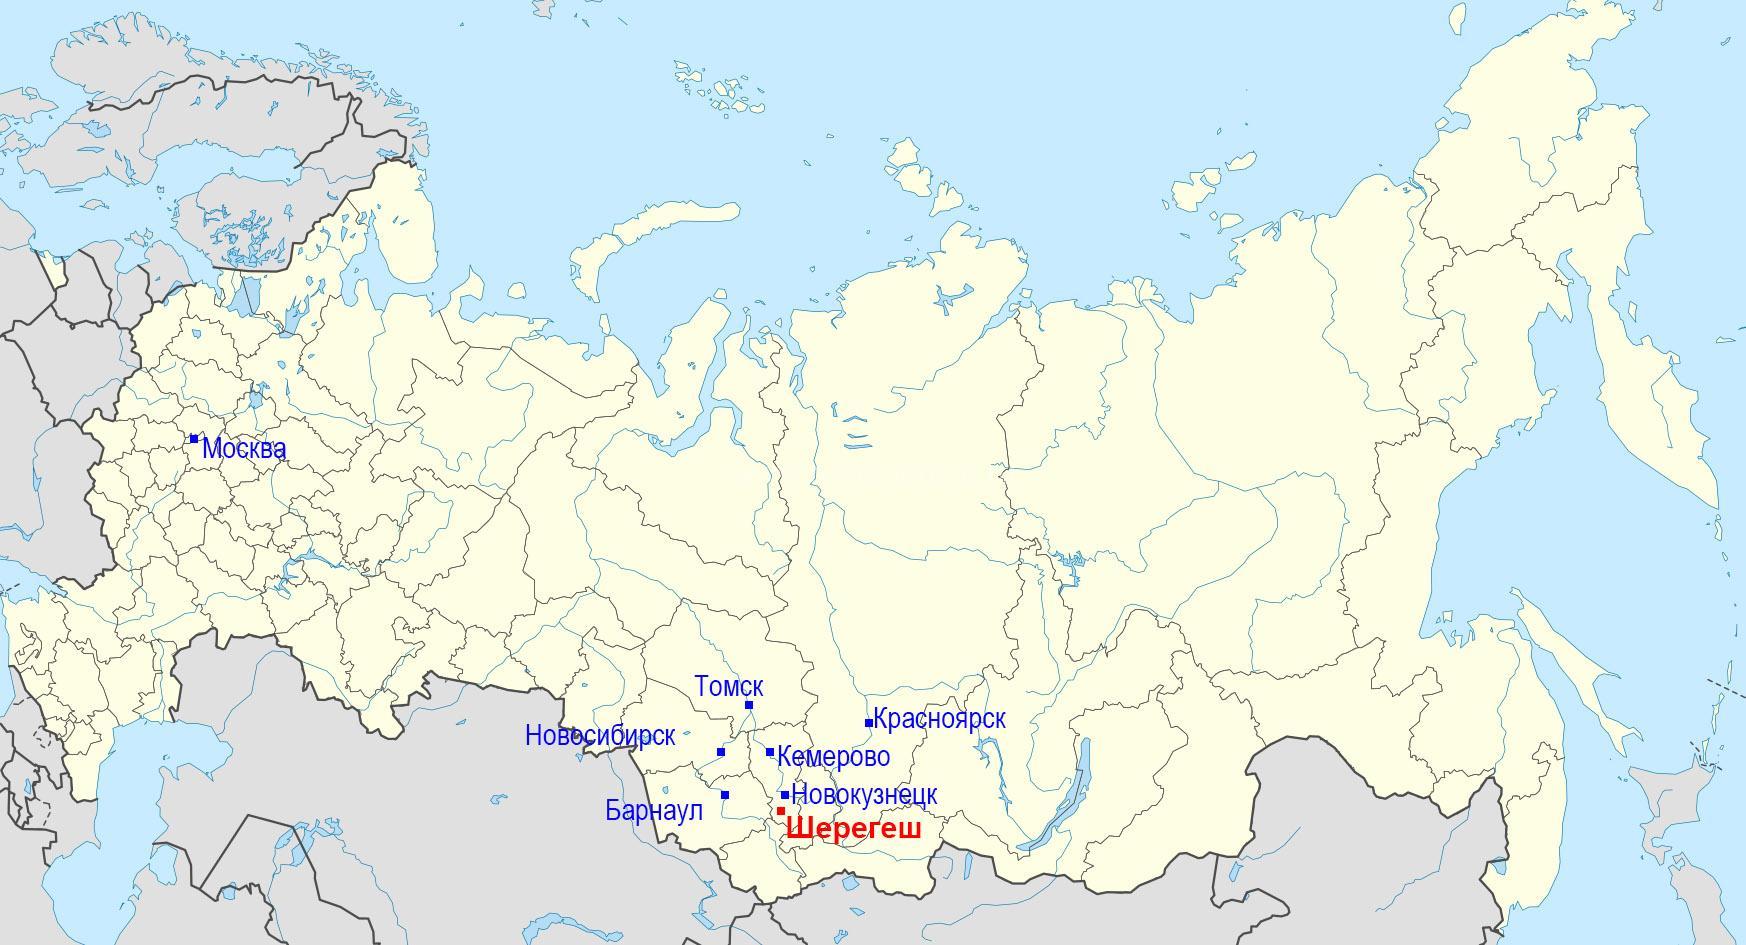 Горнолыжный курорт Шерегеш на карте России относительно ближайших крупных городов